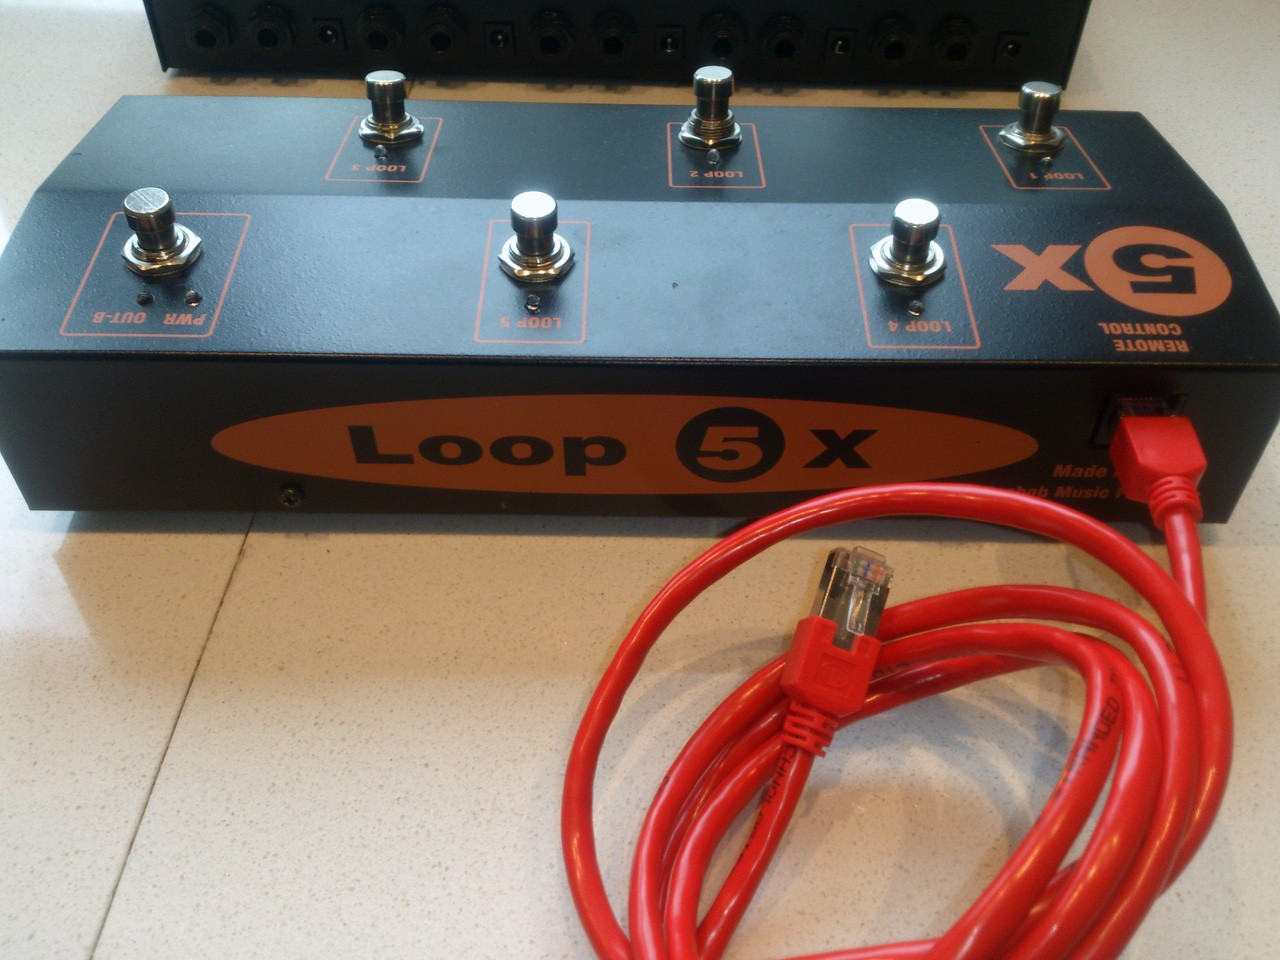 Loop5x-2.jpg